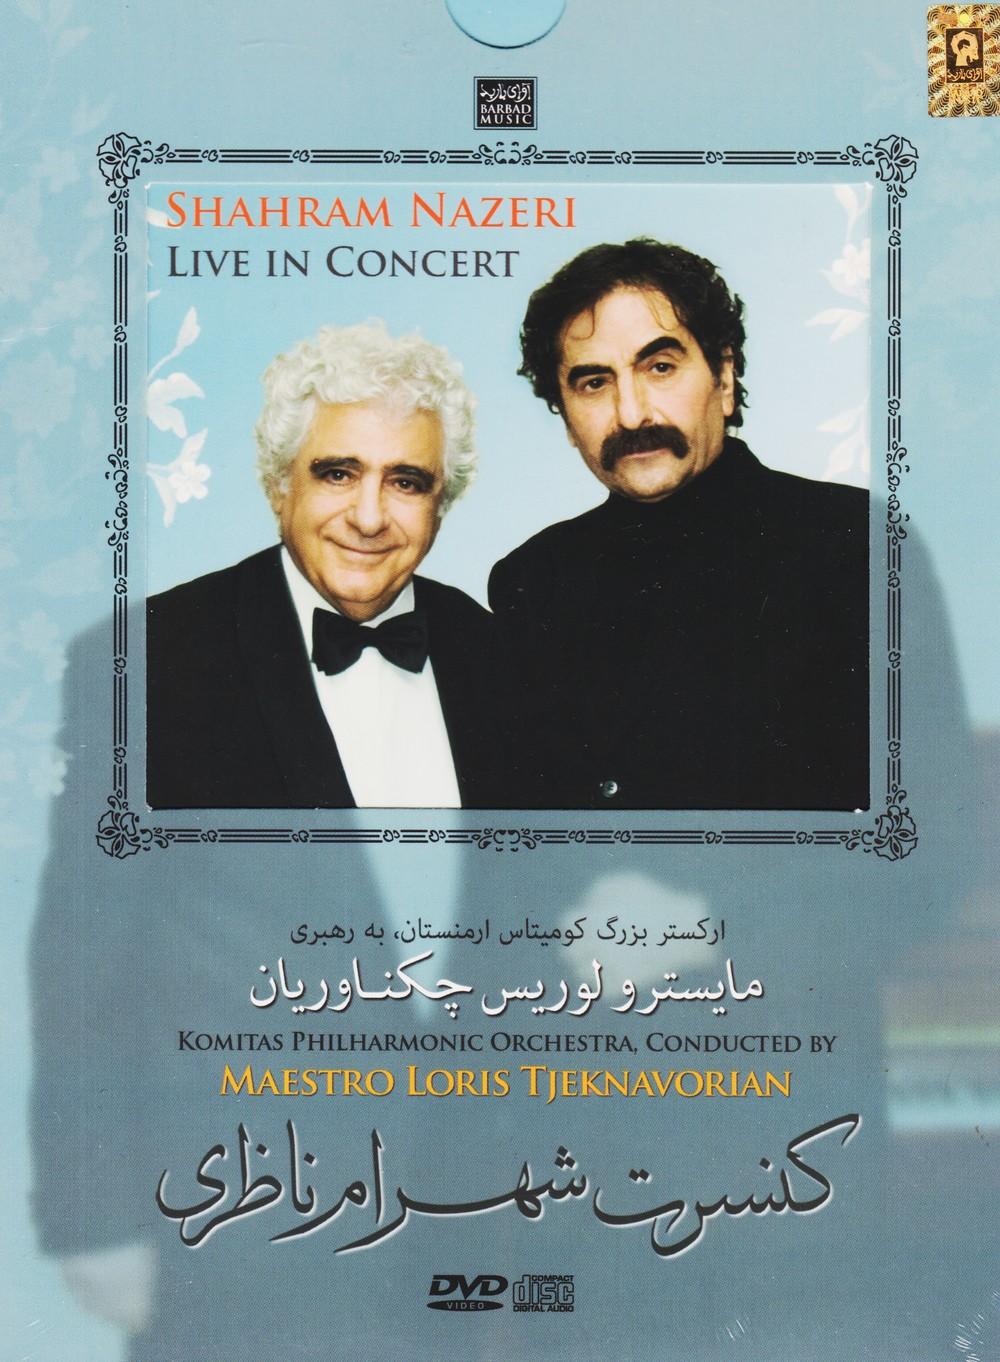 کنسرت شهرام ناظری: ارکستر بزرگ کومیتاس ارمنستان به رهبری مایستر و لوریس چکناوریان